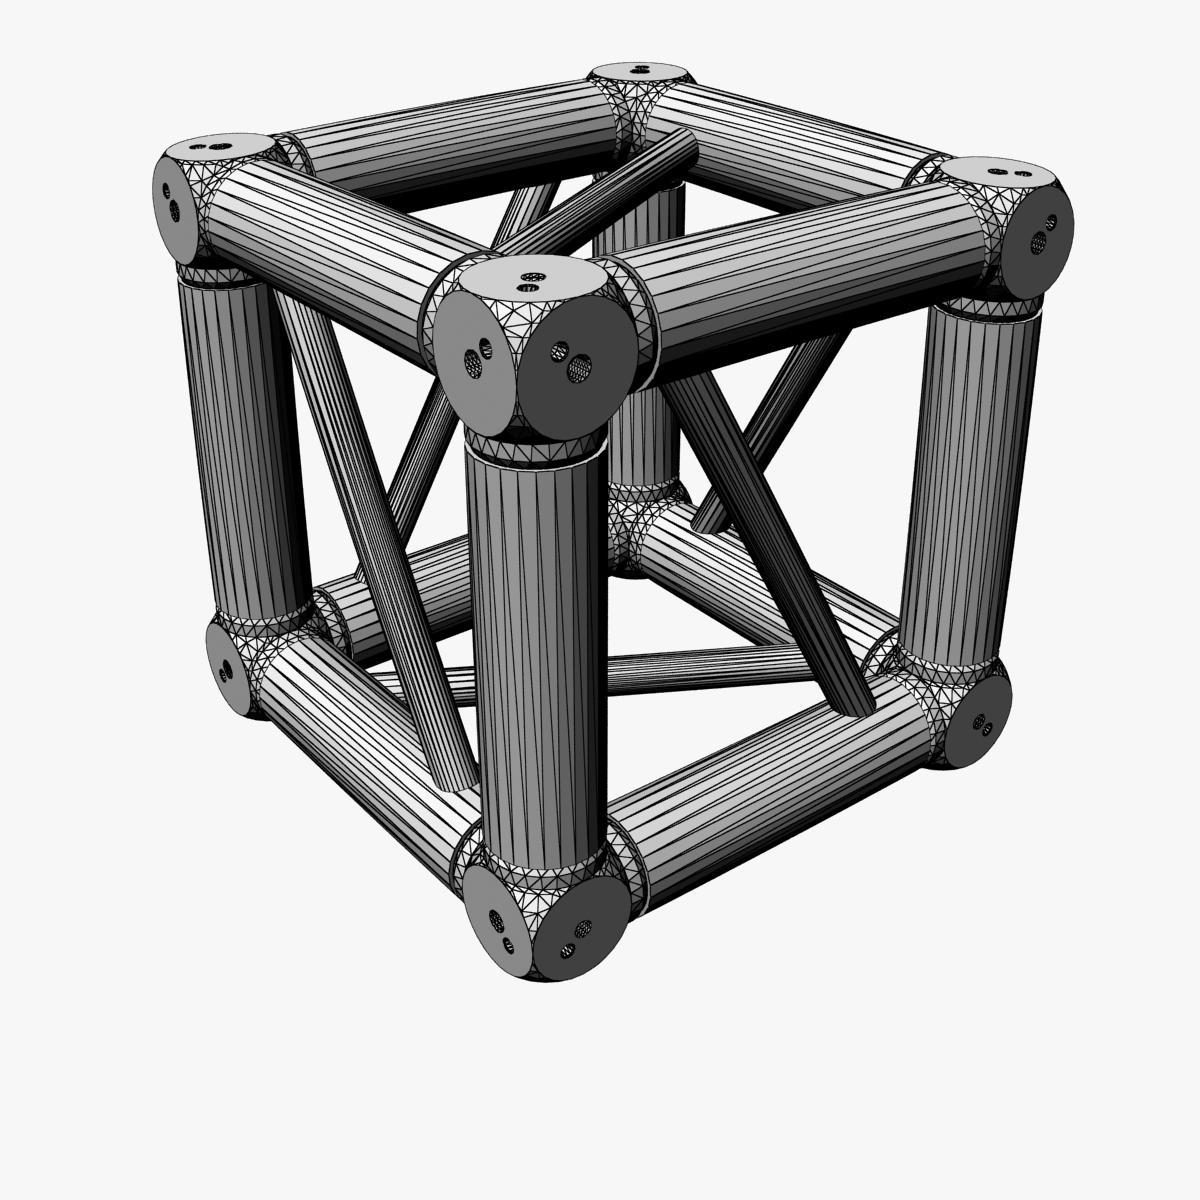 square light trusses (collection 50 modular) 3d model 3ds max dxf fbx c4d dae texture obj 216182